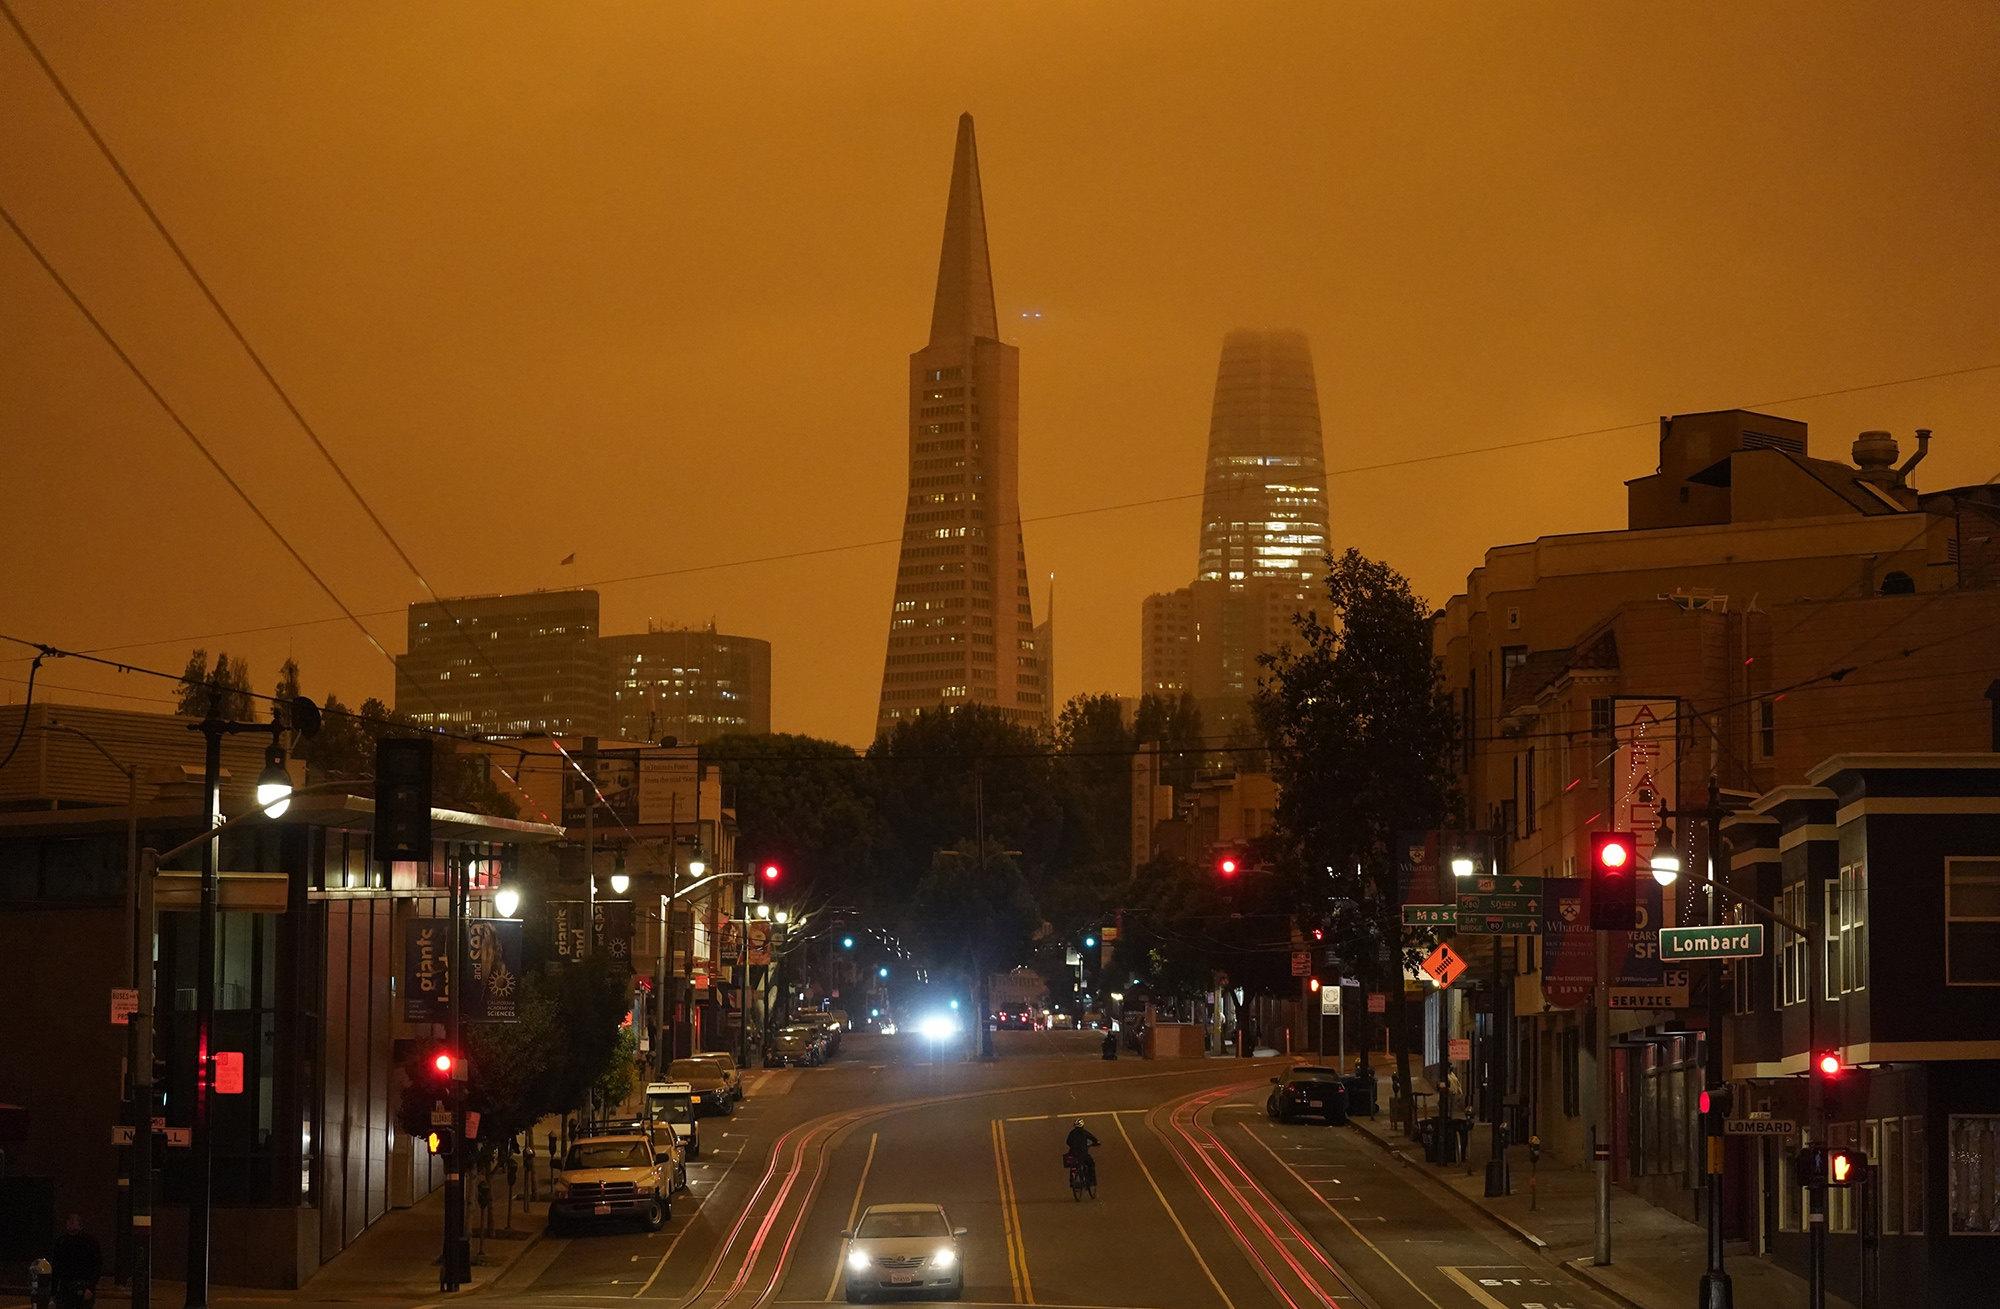 Вид напирамиду «Трансамерика» — второе повысоте здание вСан-Франциско, Калифорния.